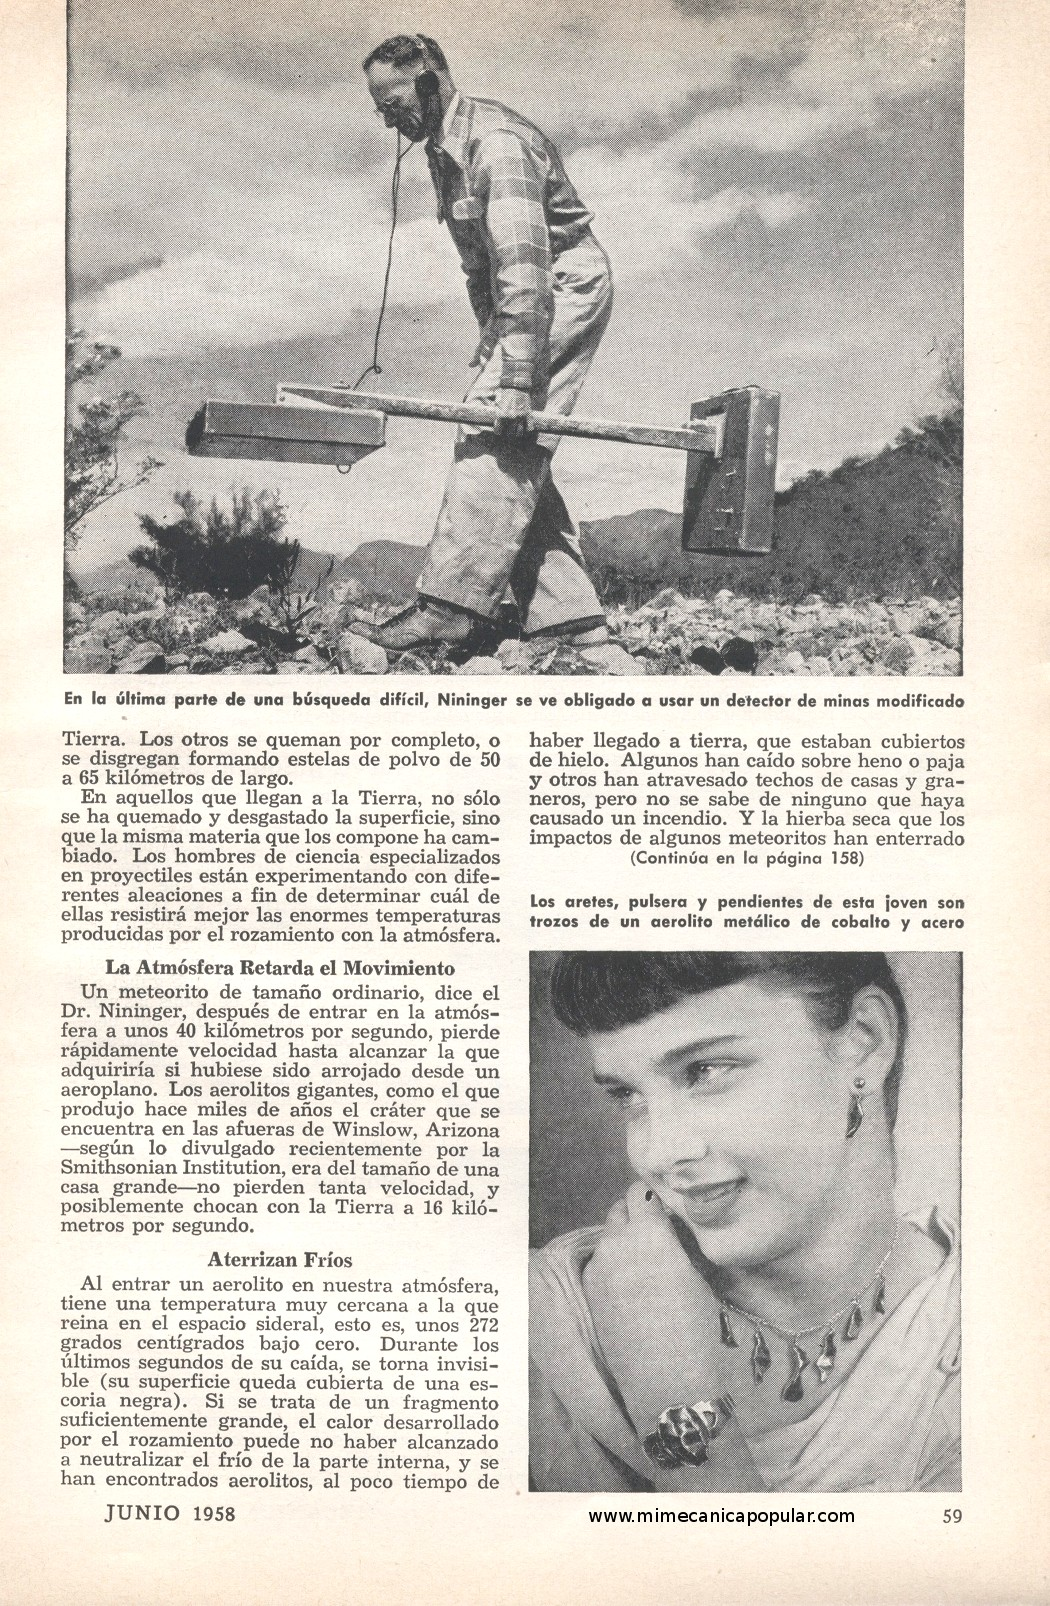 La búsqueda de meteoritos. Busqueda_de_meteoritos_junio_1958-02g